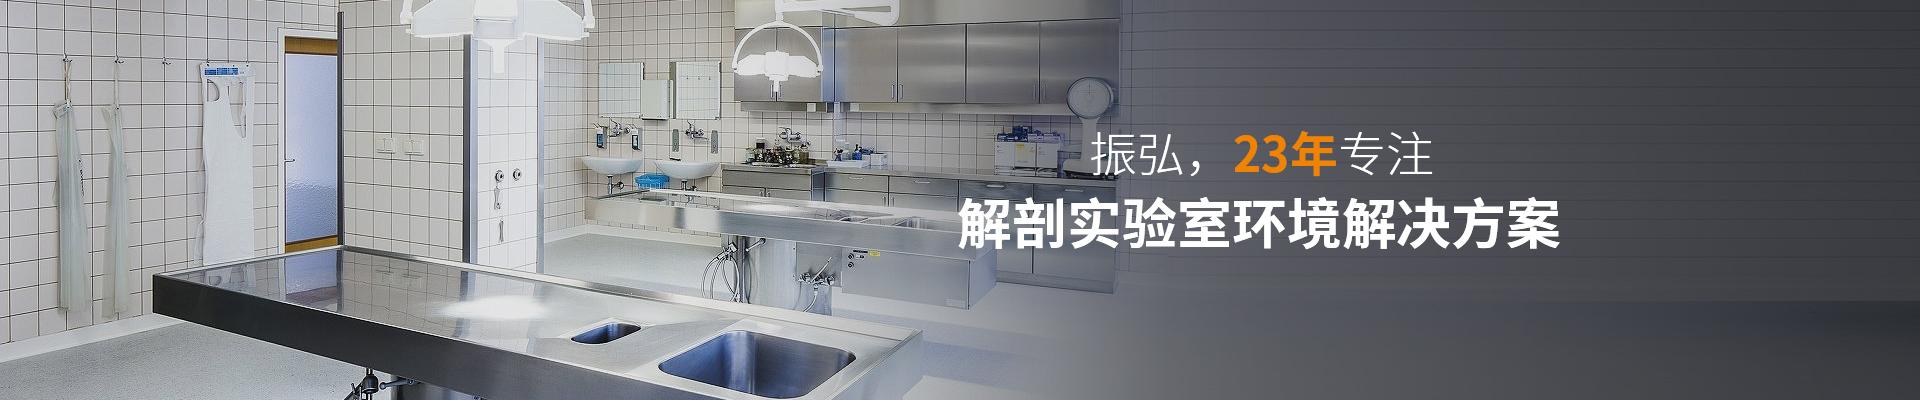 振弘,23年专注—— 解剖实验室环境解决方案